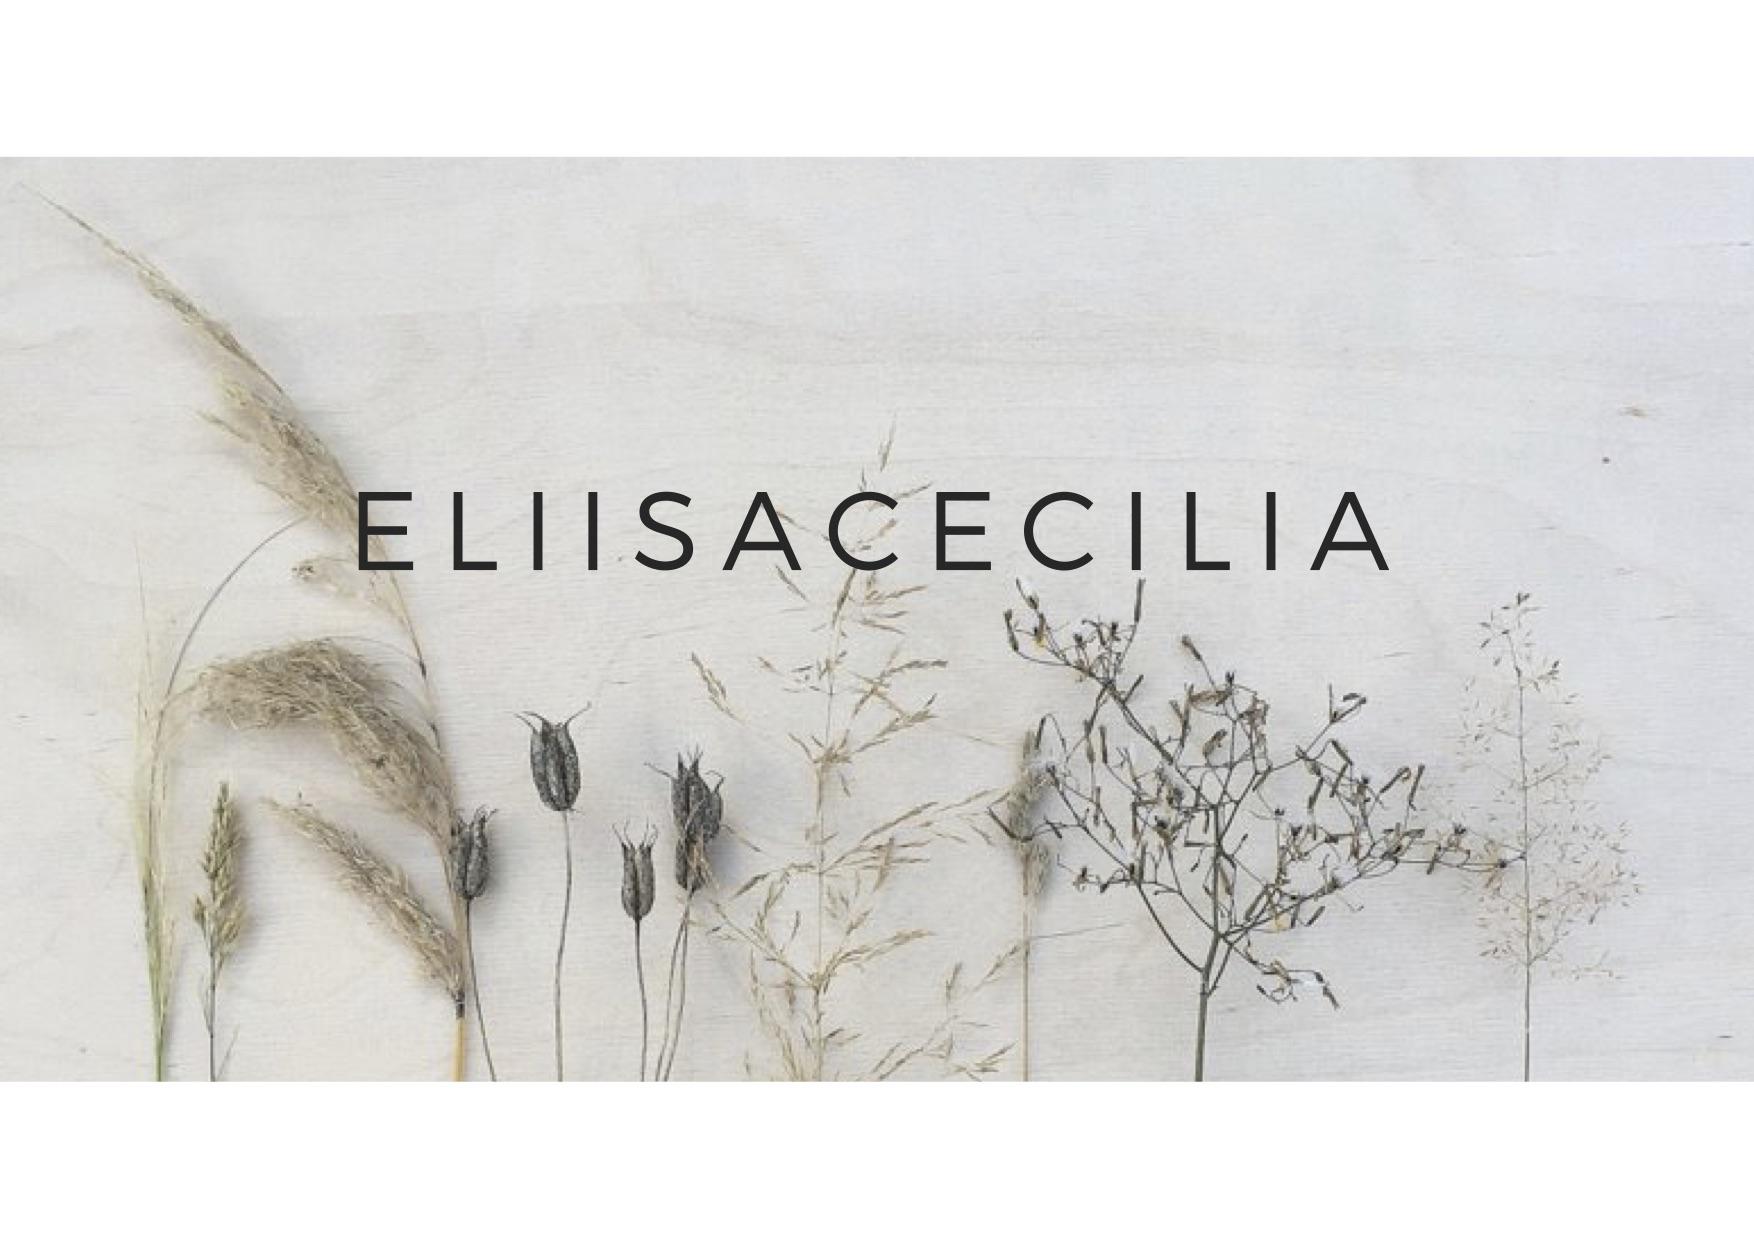 EliisaCecilia